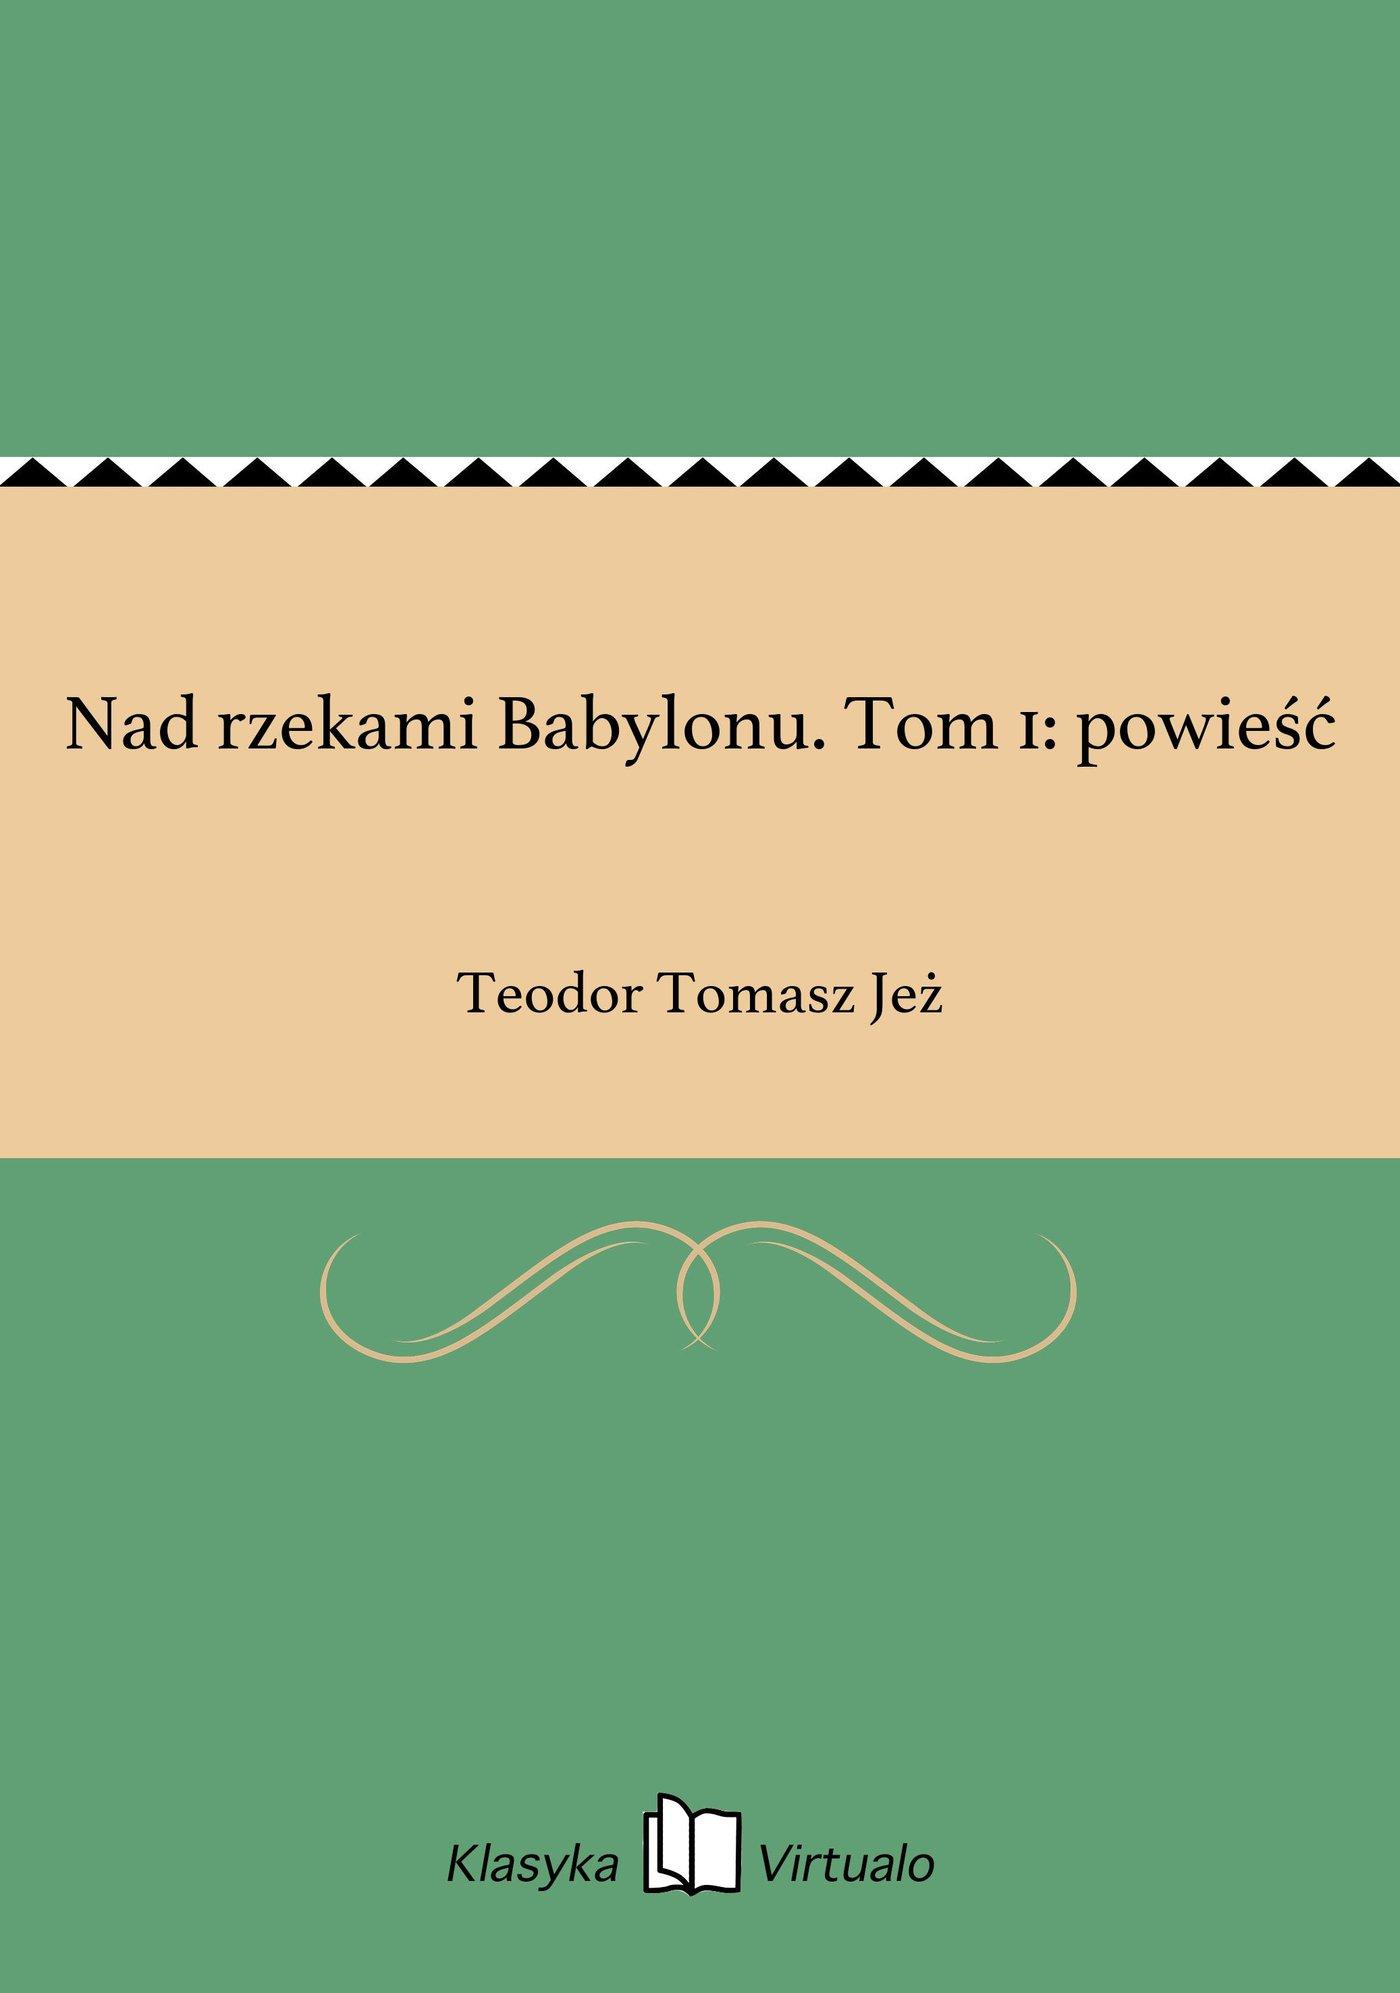 Nad rzekami Babylonu. Tom 1: powieść - Ebook (Książka na Kindle) do pobrania w formacie MOBI